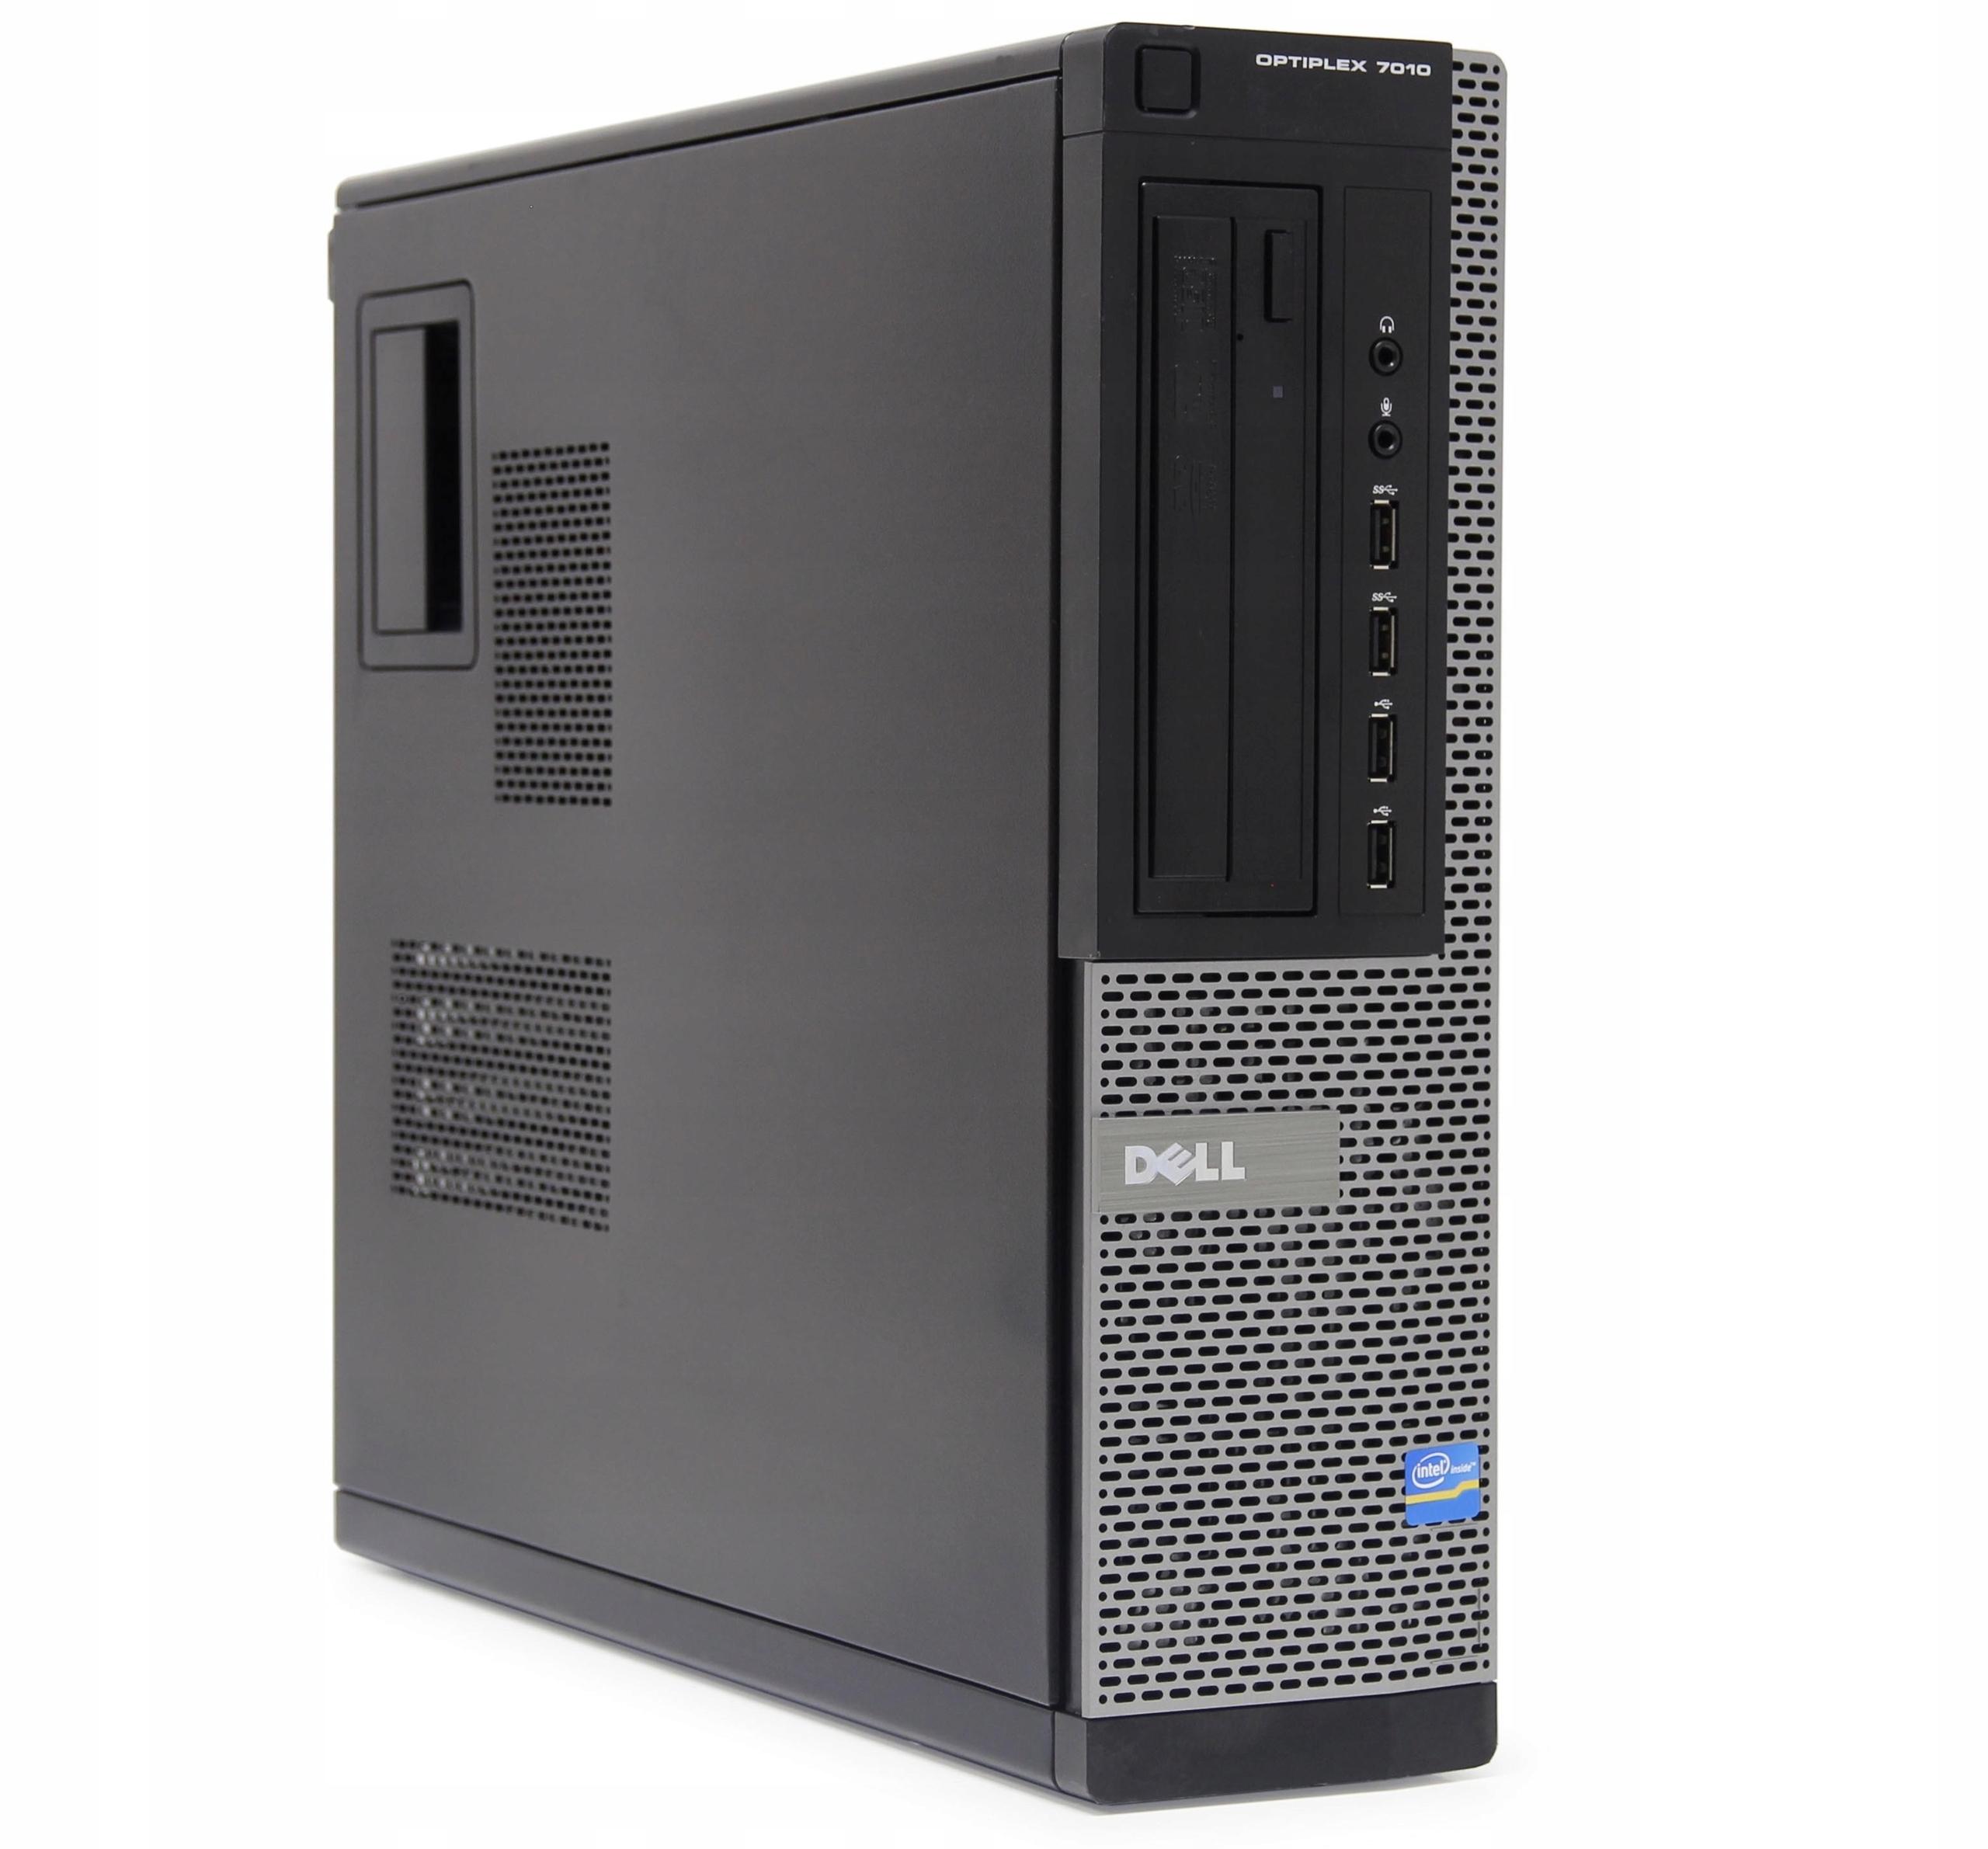 Komputer stacjonarny PC DELL i5 7010 16GB SSD W10